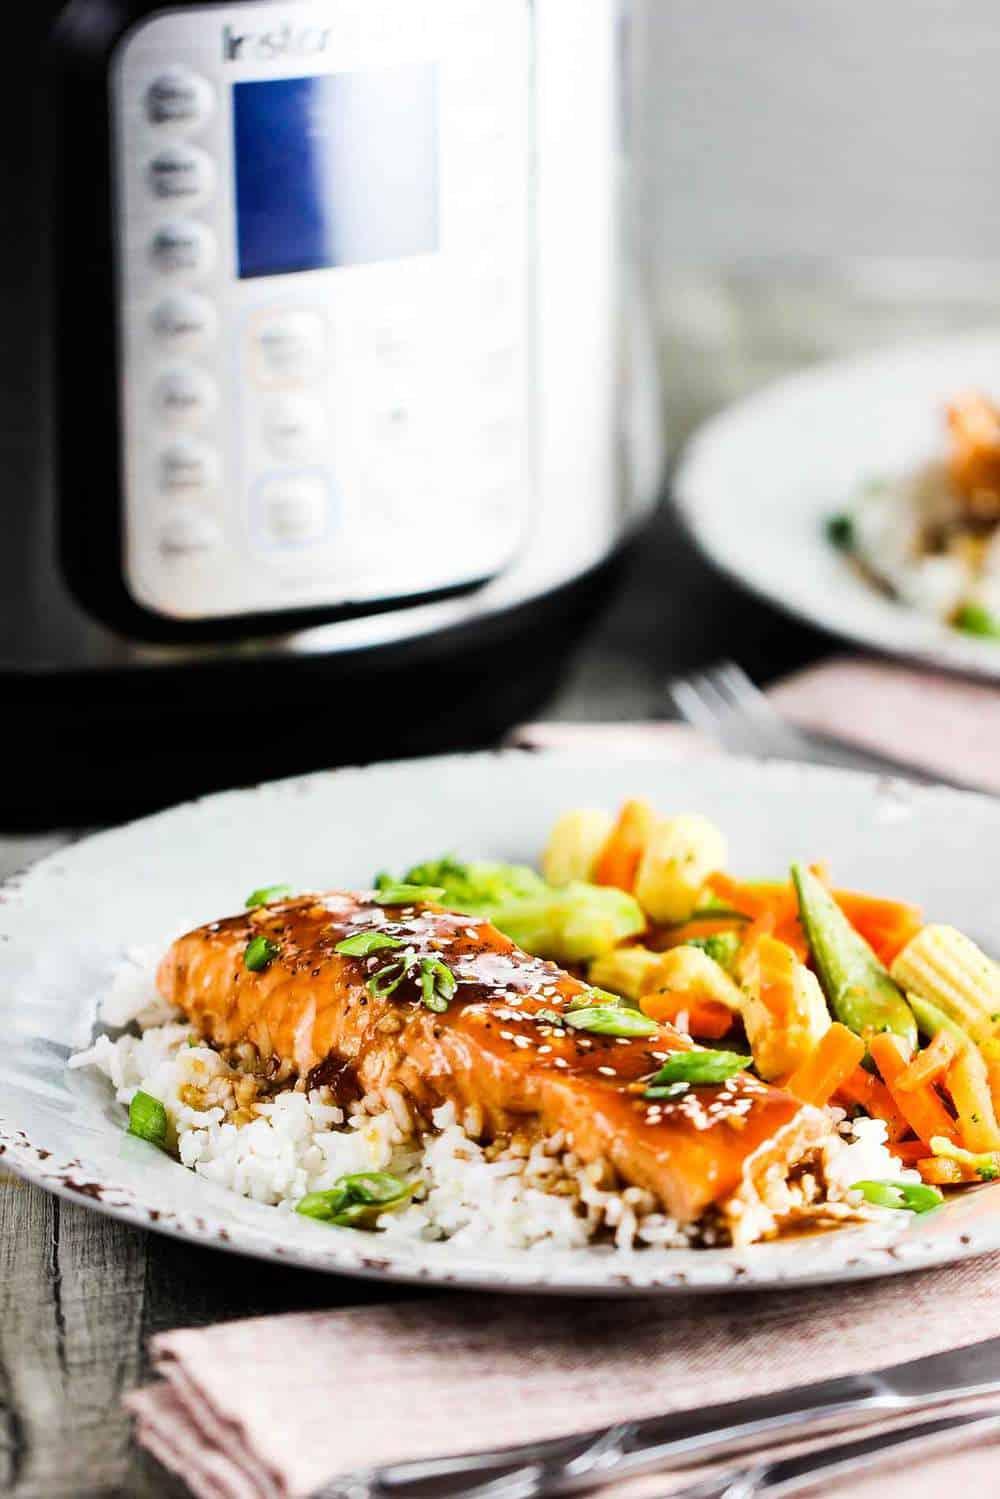 Instant Pot Teriyaki Salmon recipe